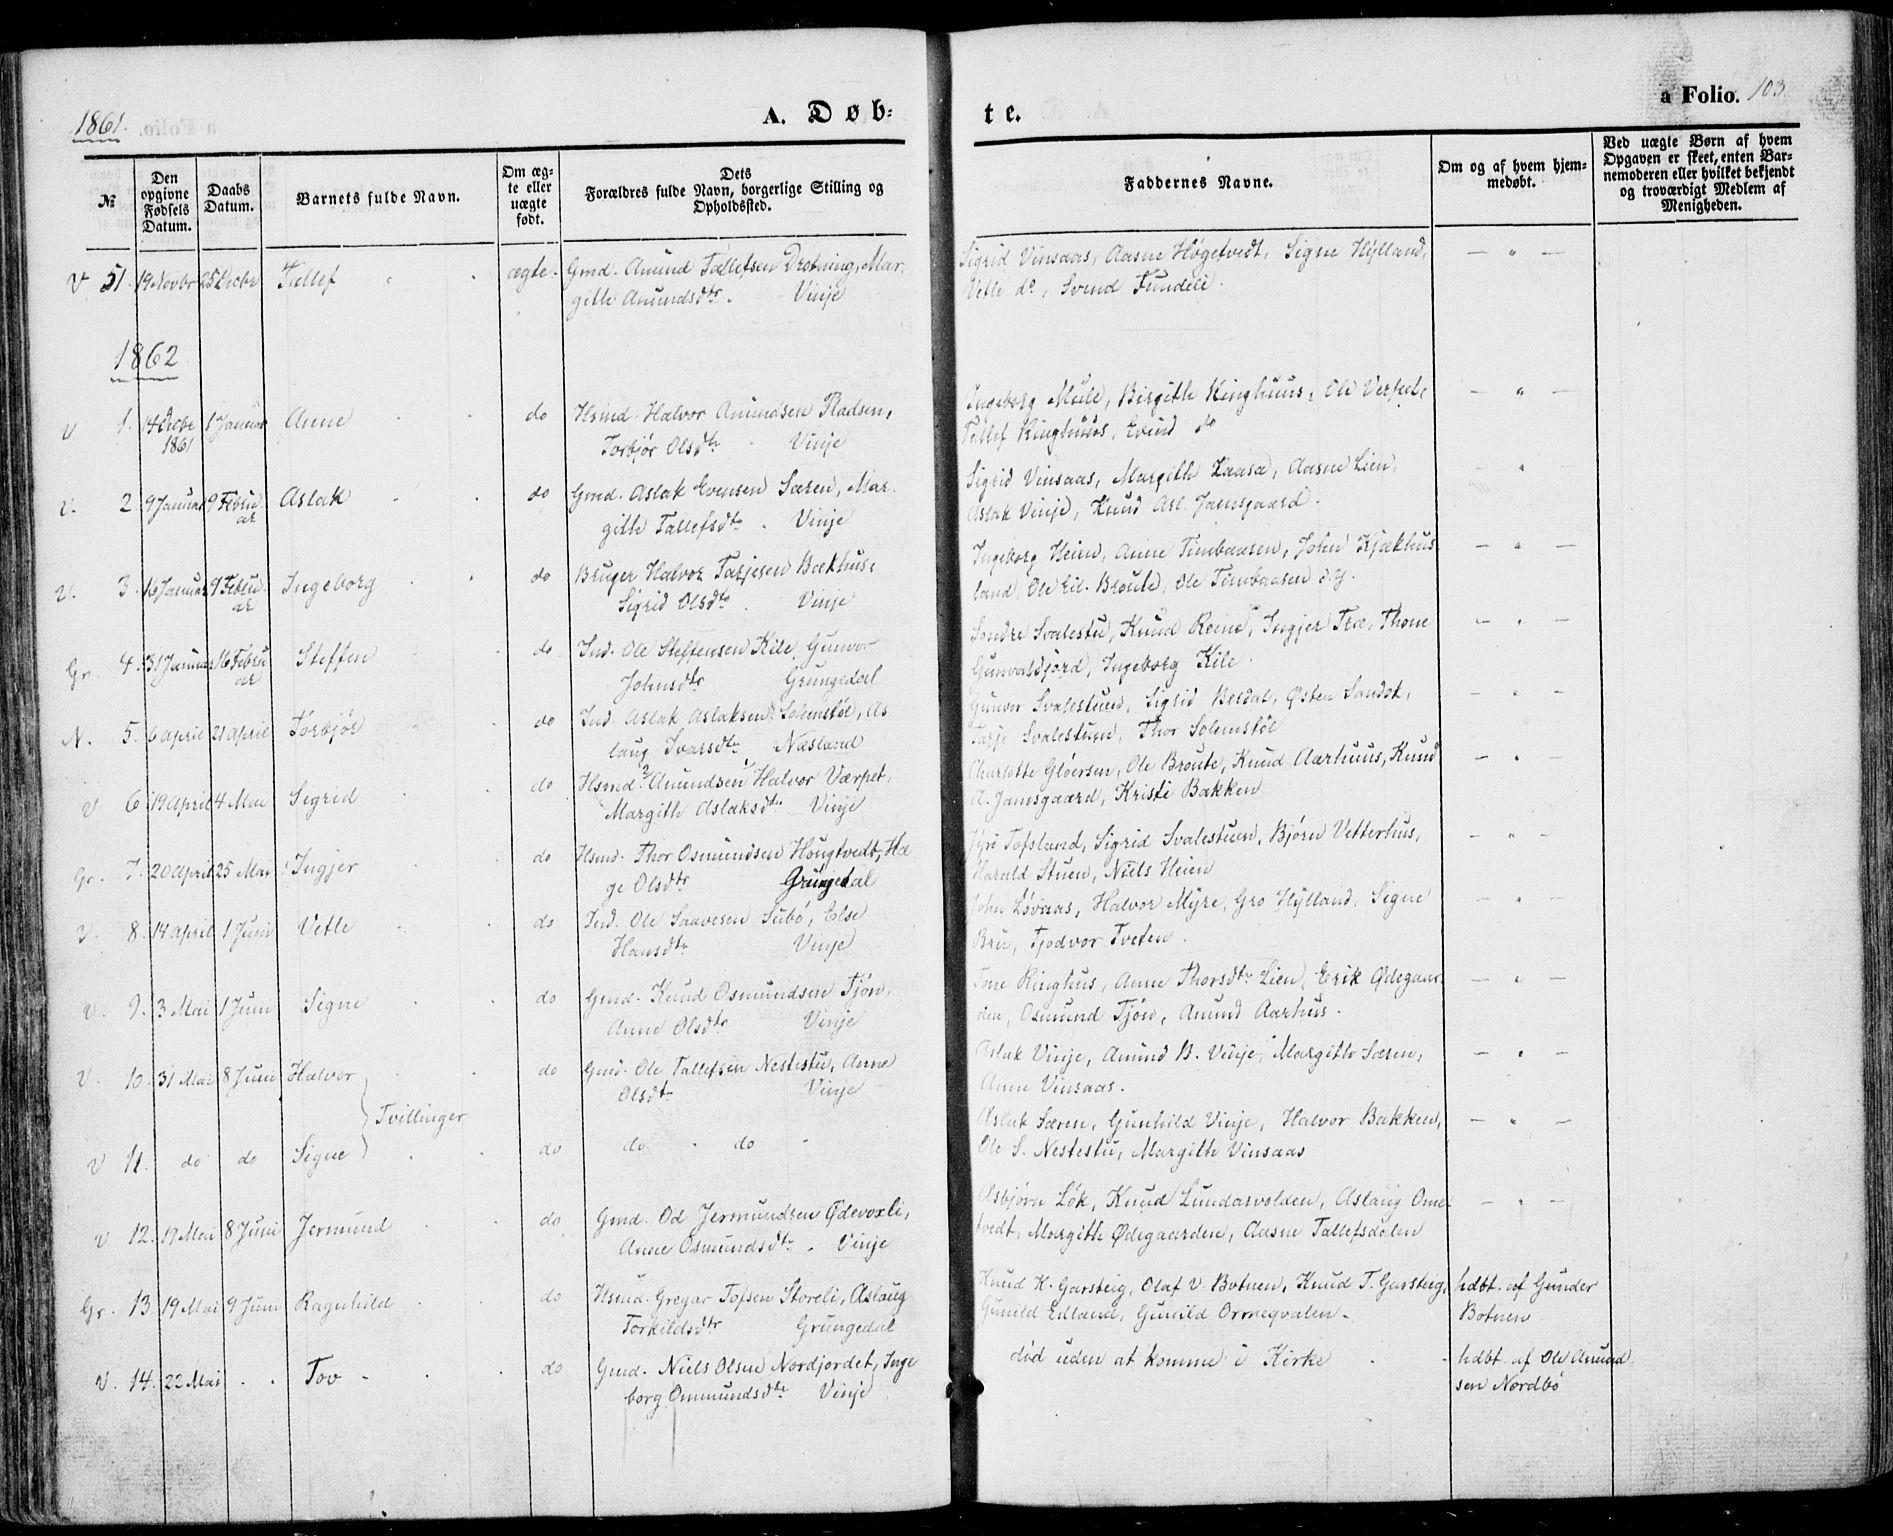 SAKO, Vinje kirkebøker, F/Fa/L0004: Ministerialbok nr. I 4, 1843-1869, s. 103